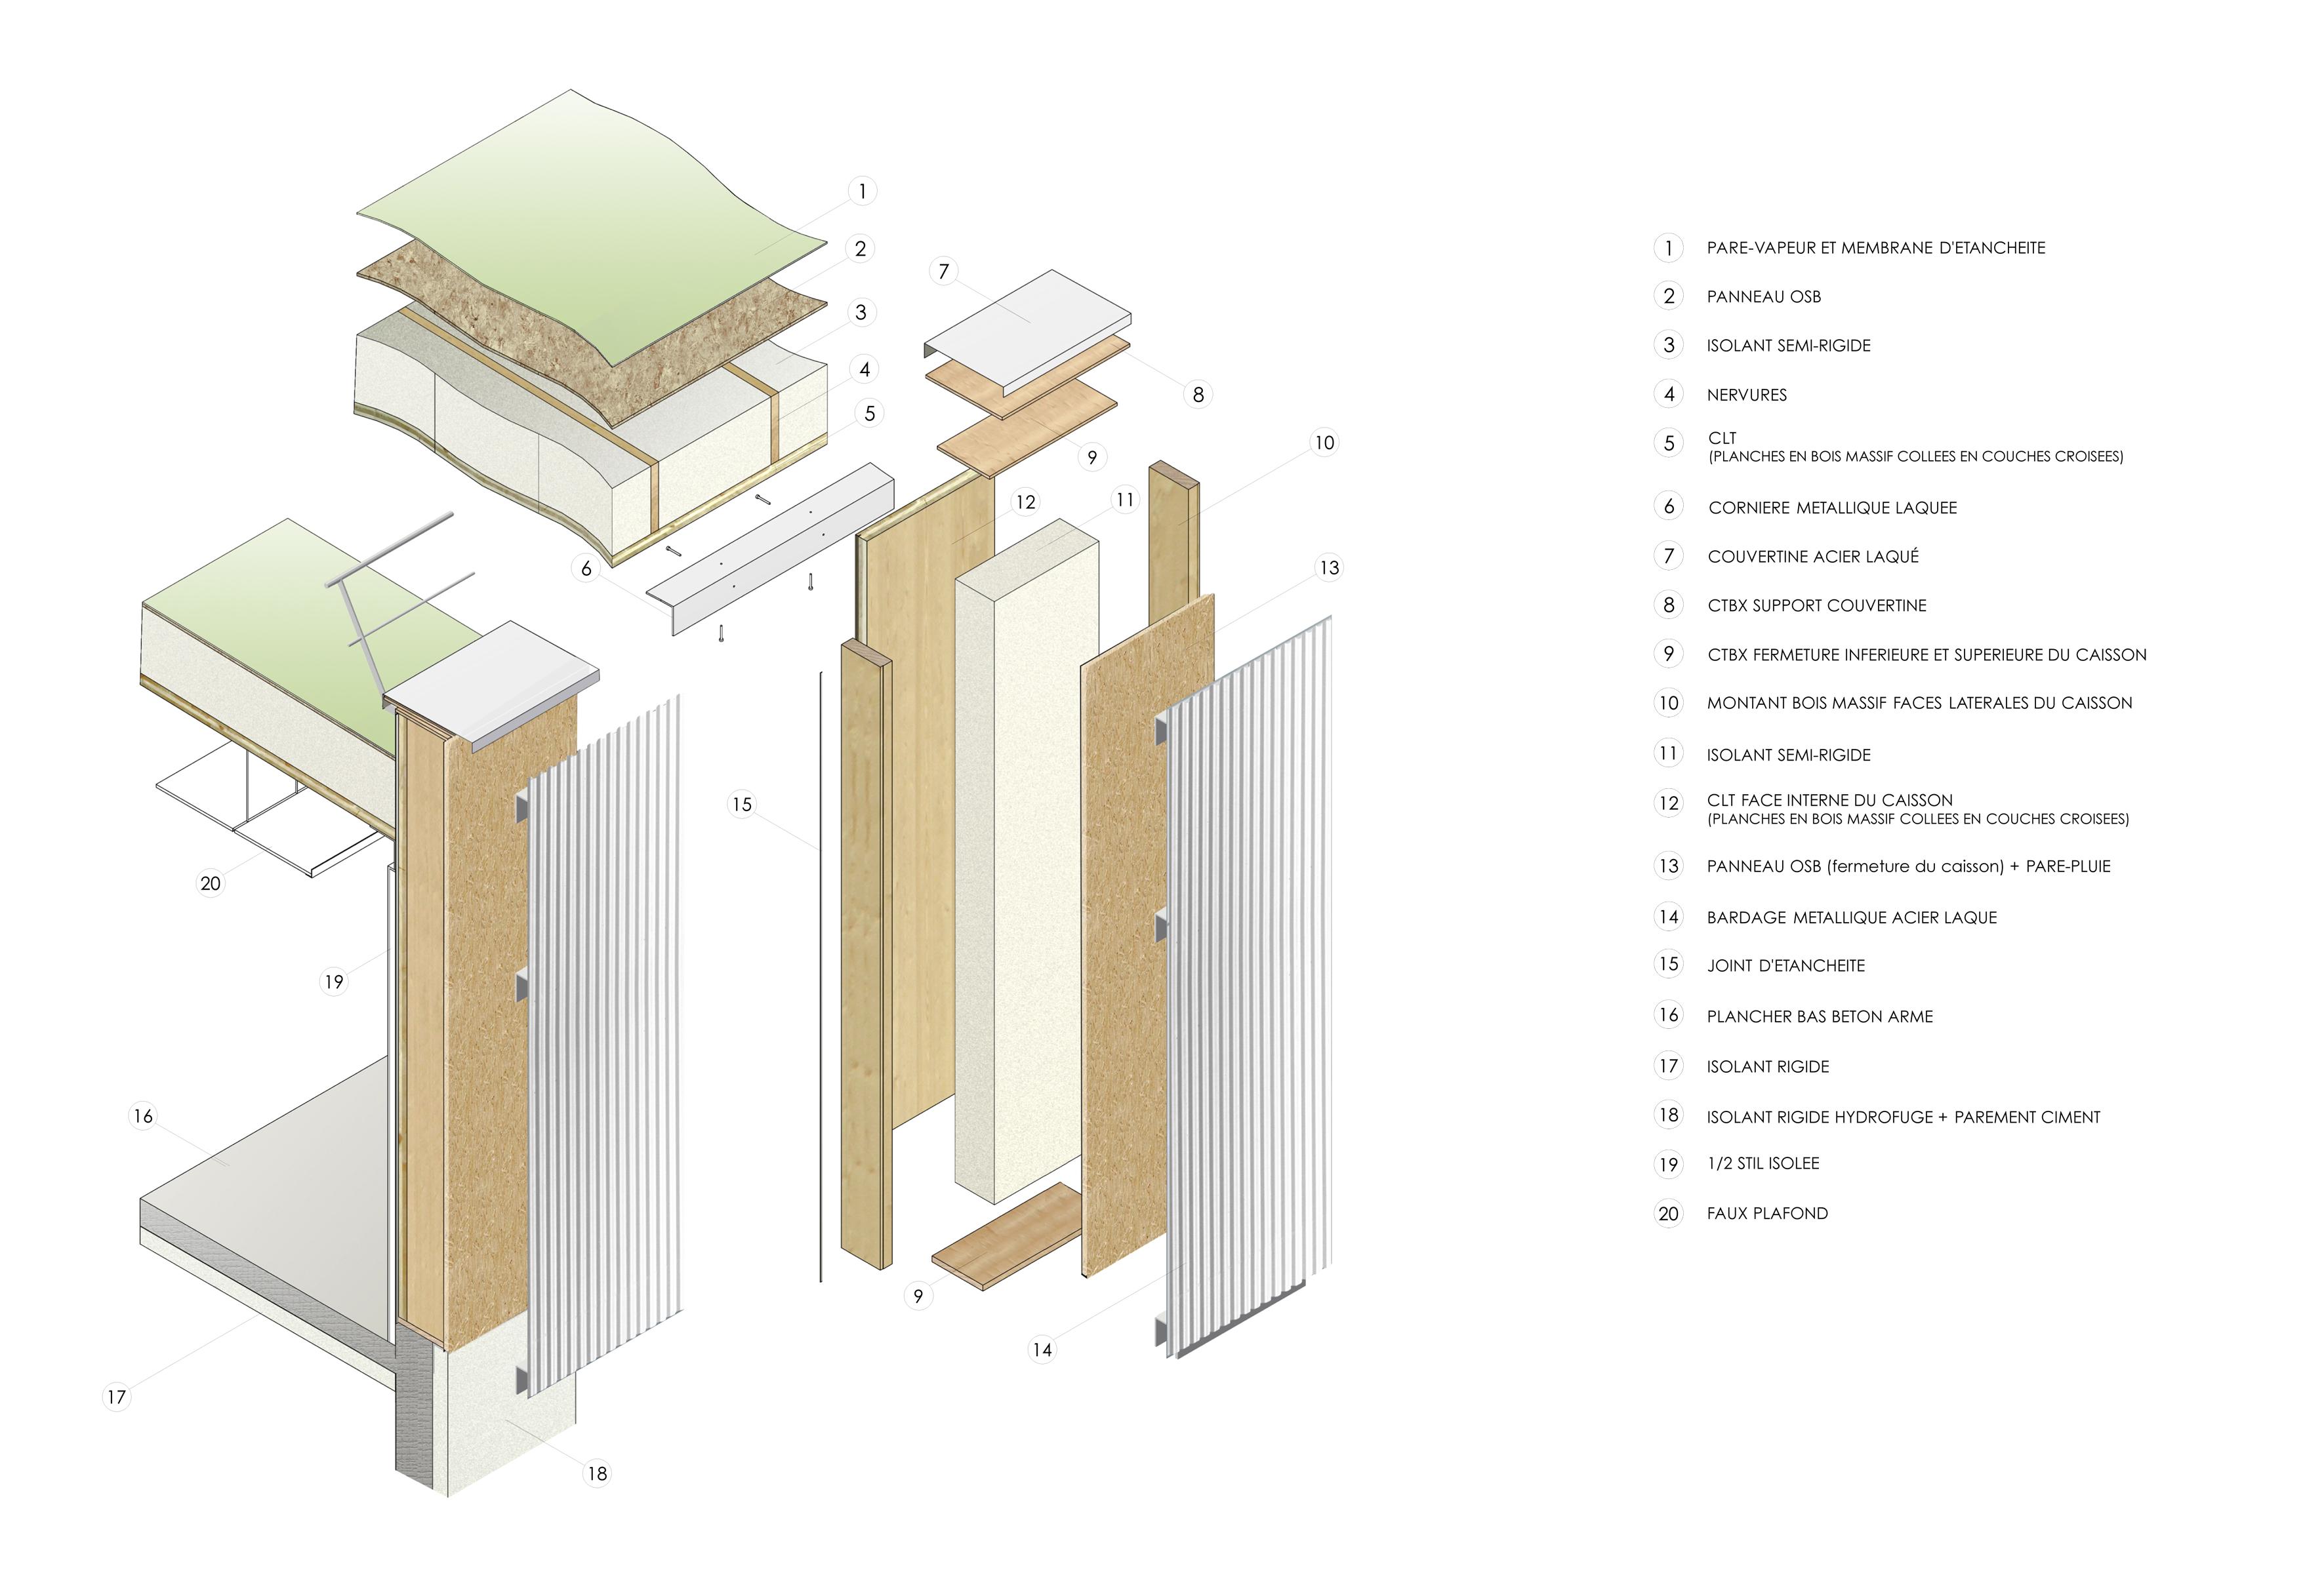 3D caisson facade METALLIQUE CAB